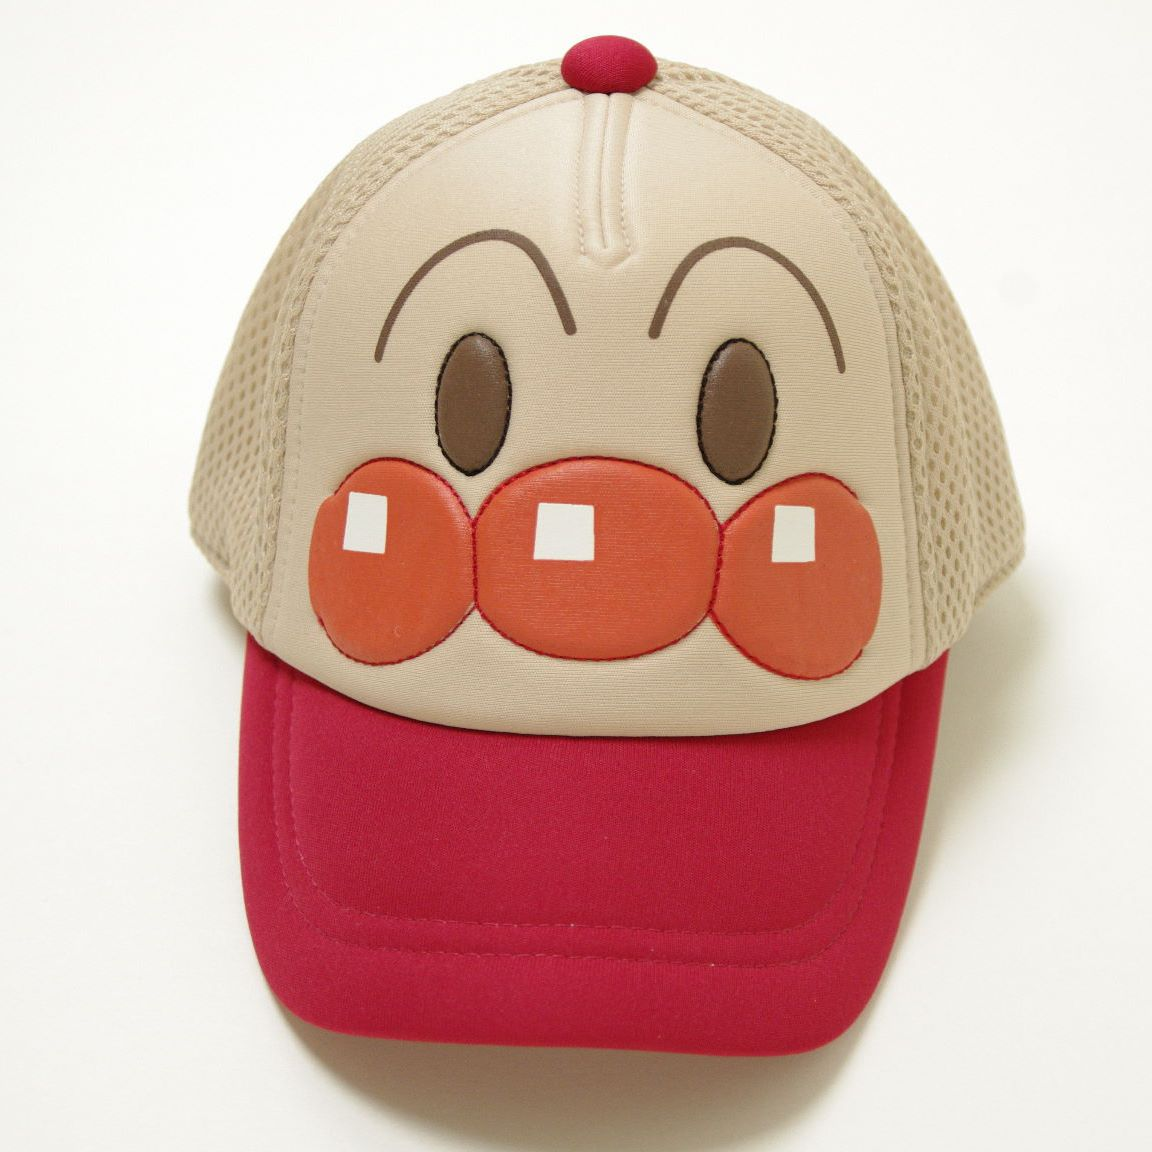 アンパンマン 帽子 なりきりメッシュキャップ 51cm(450010)